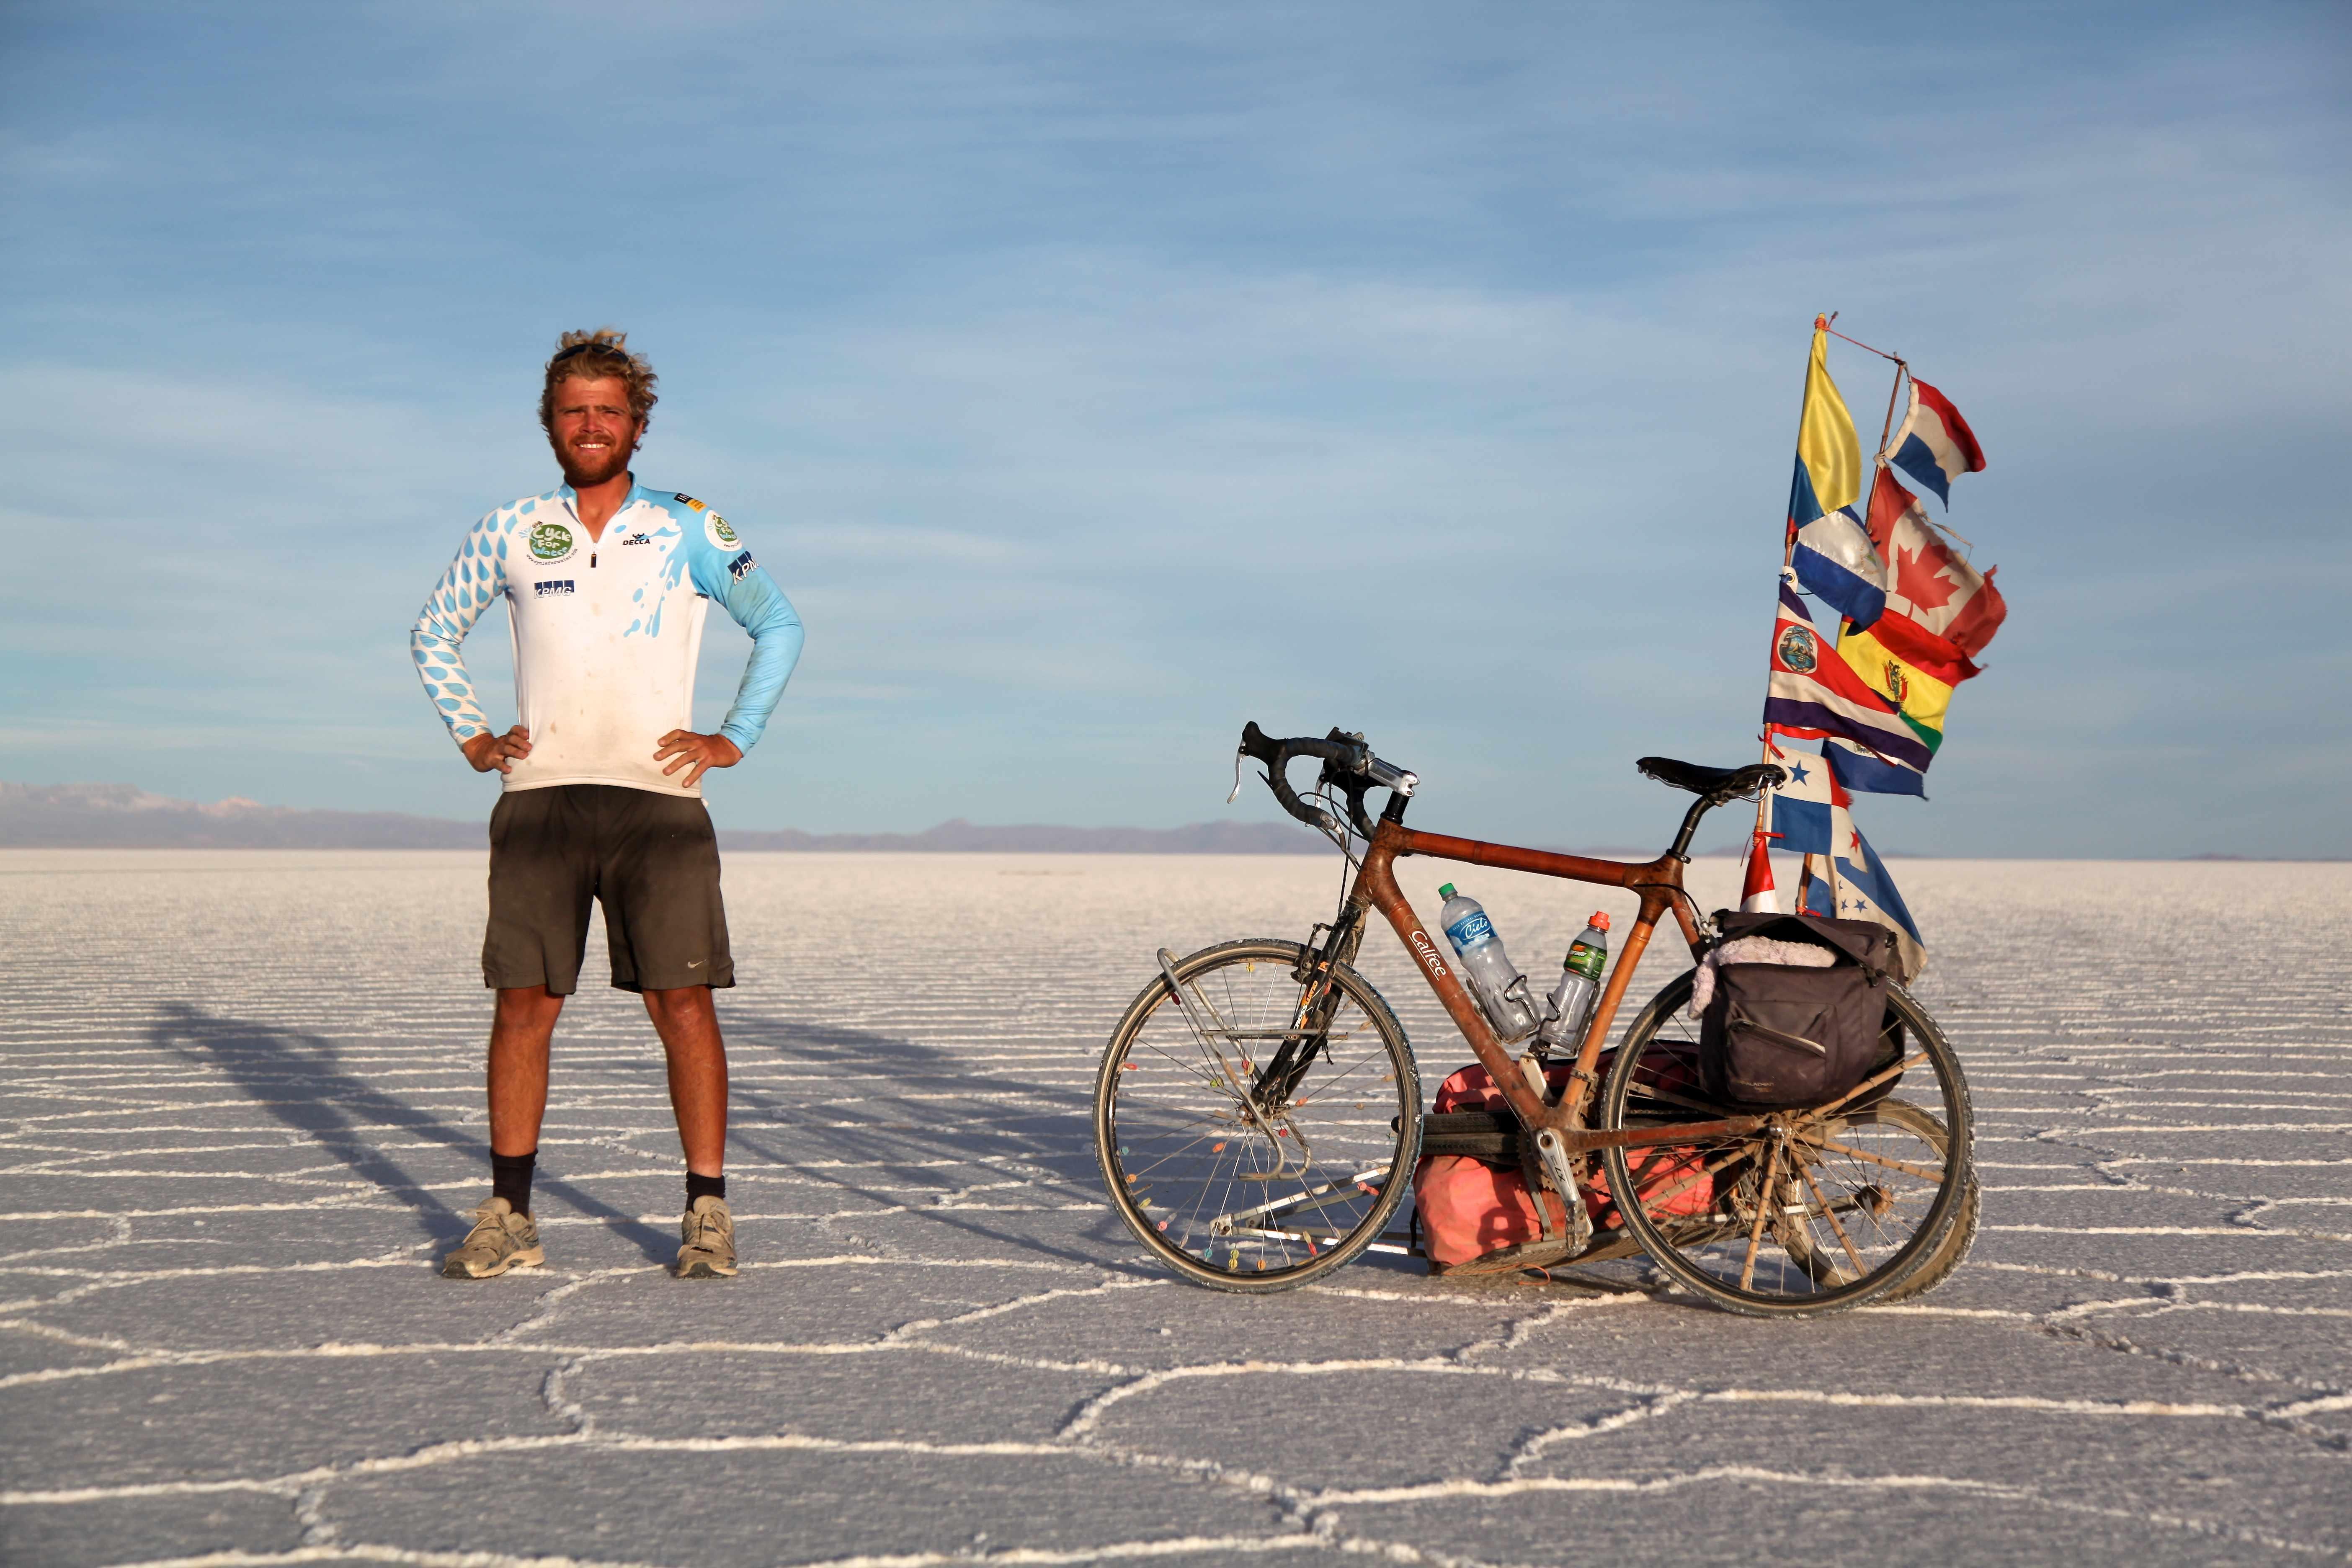 Michiel and his bike